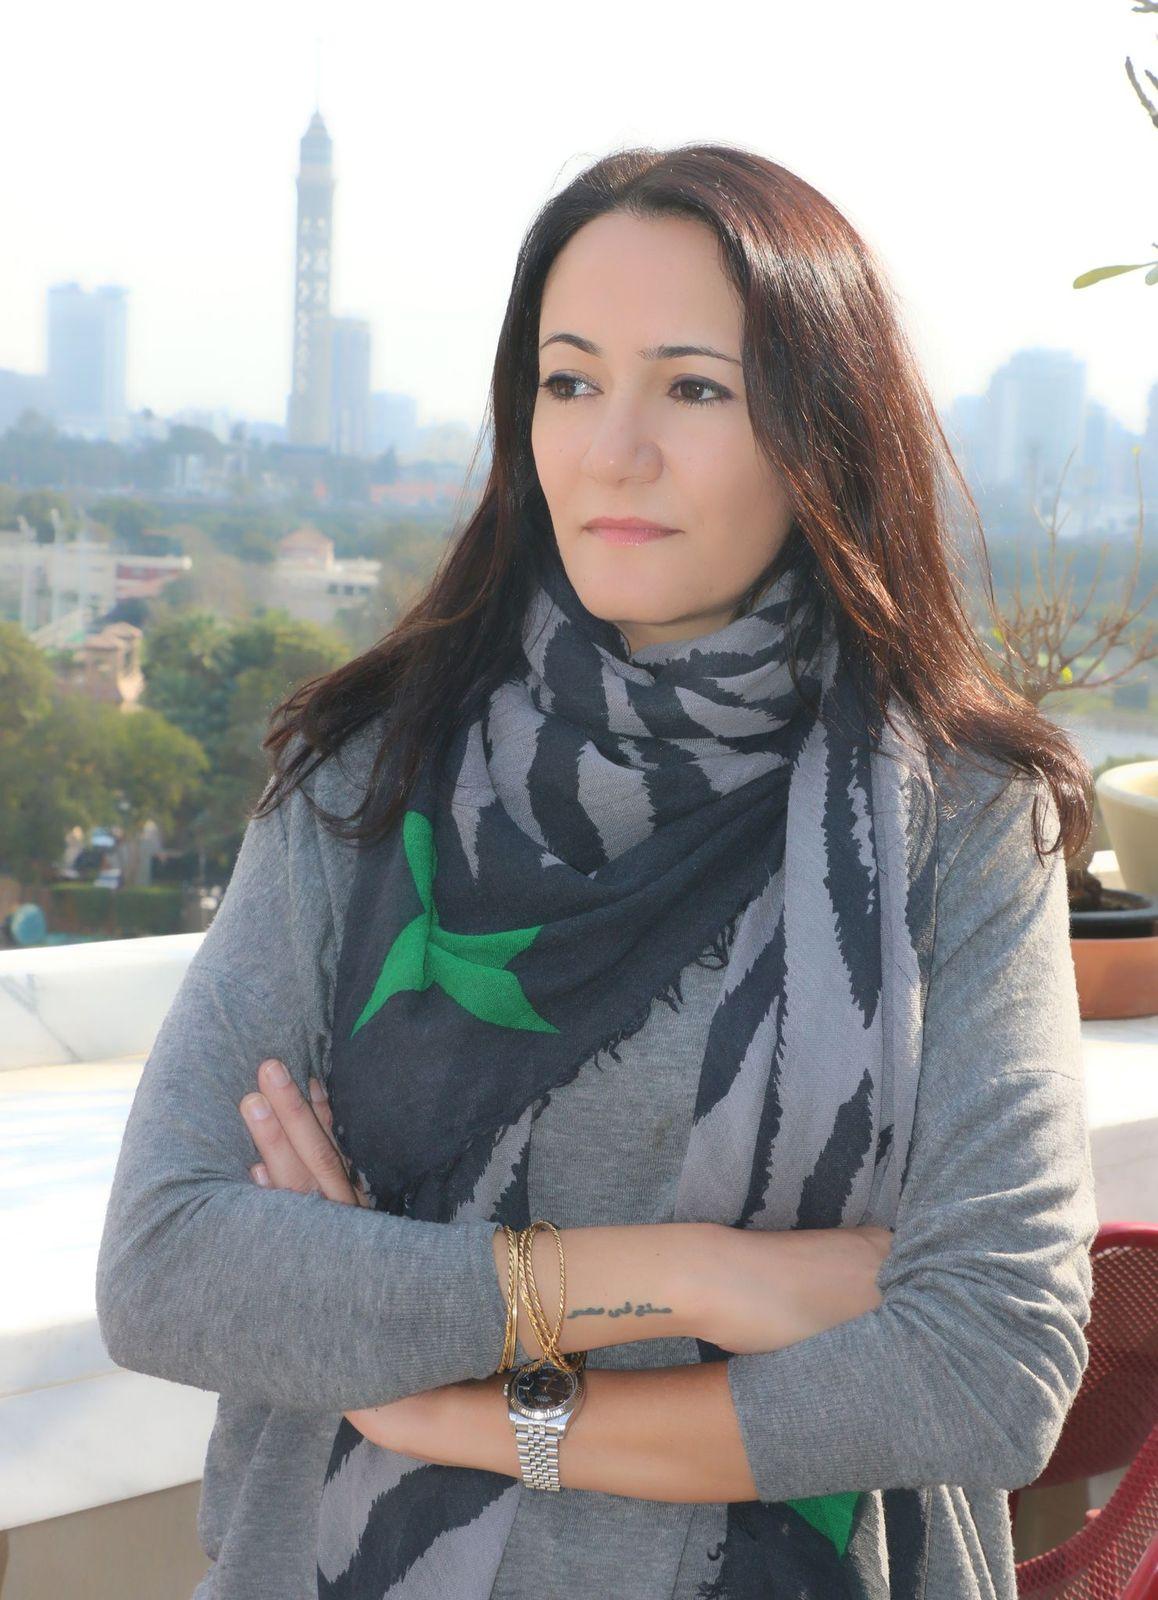 المخرجة المصرية مريم أبو عوف